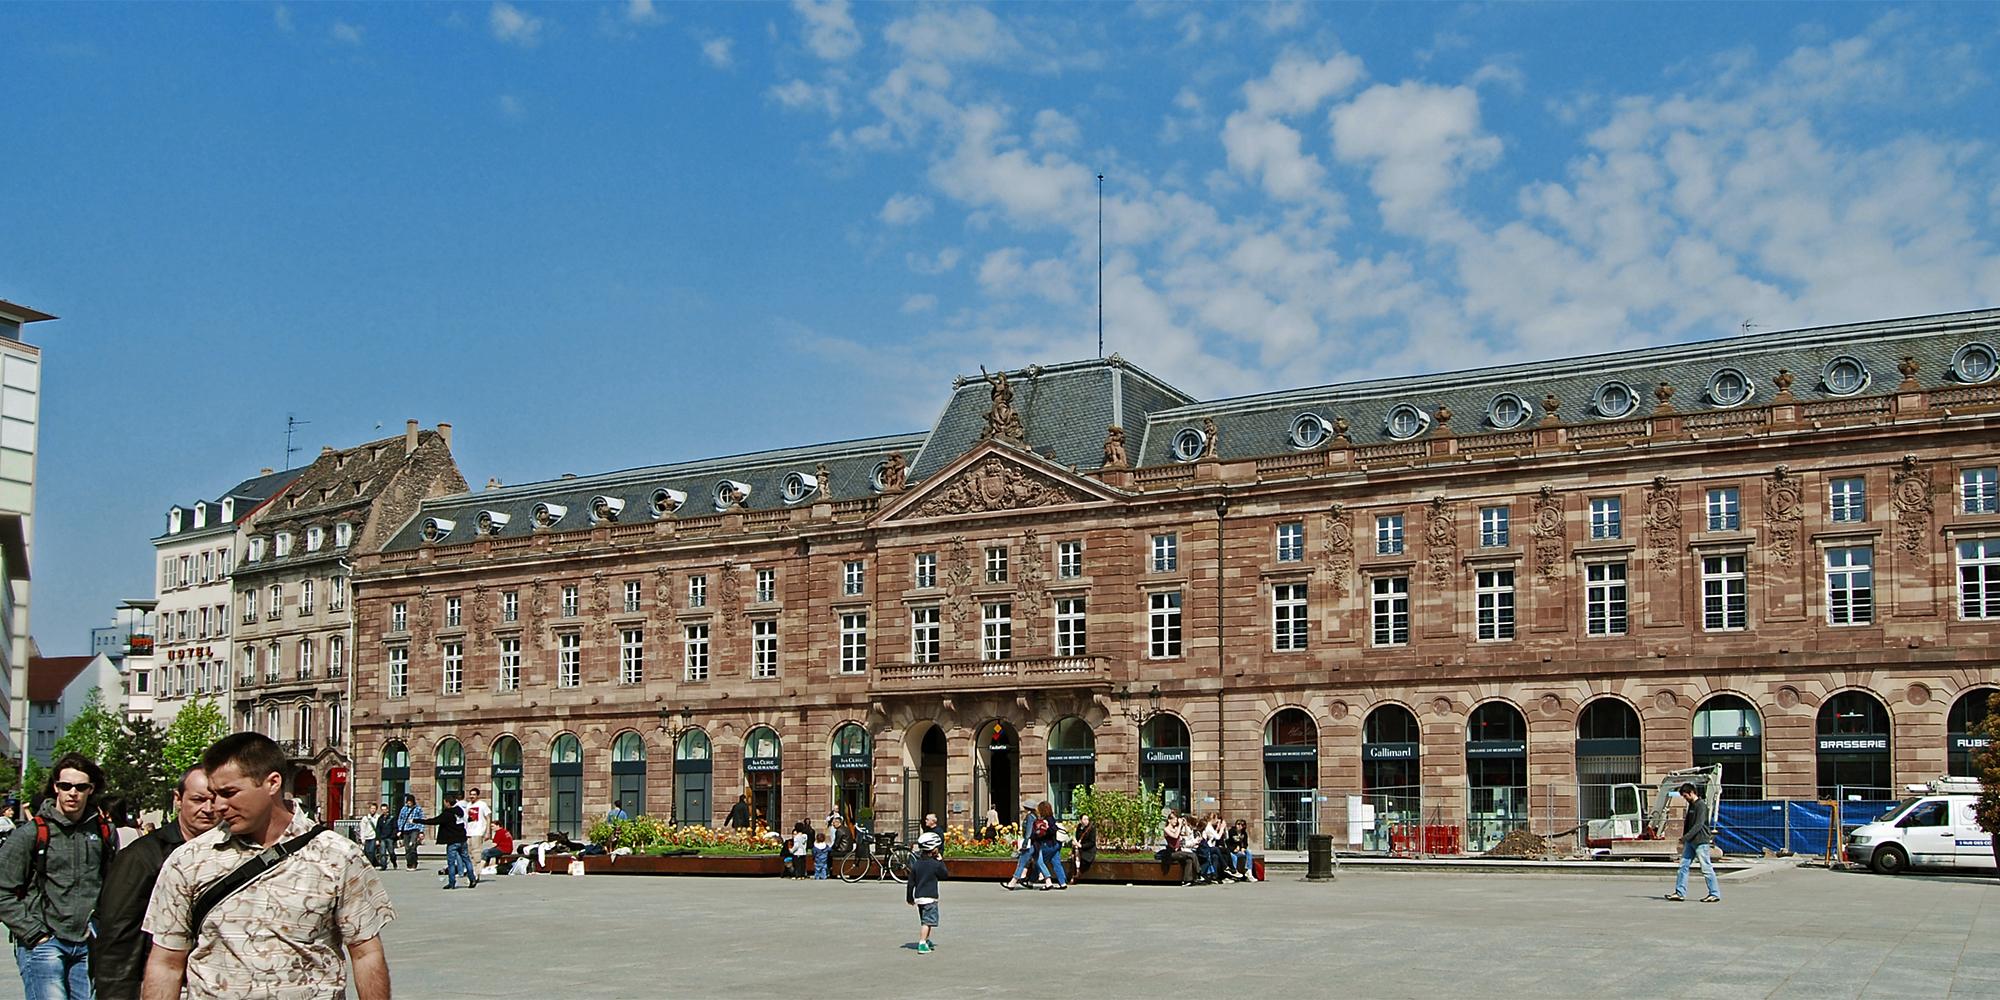 que hay que ver en estrasburgo